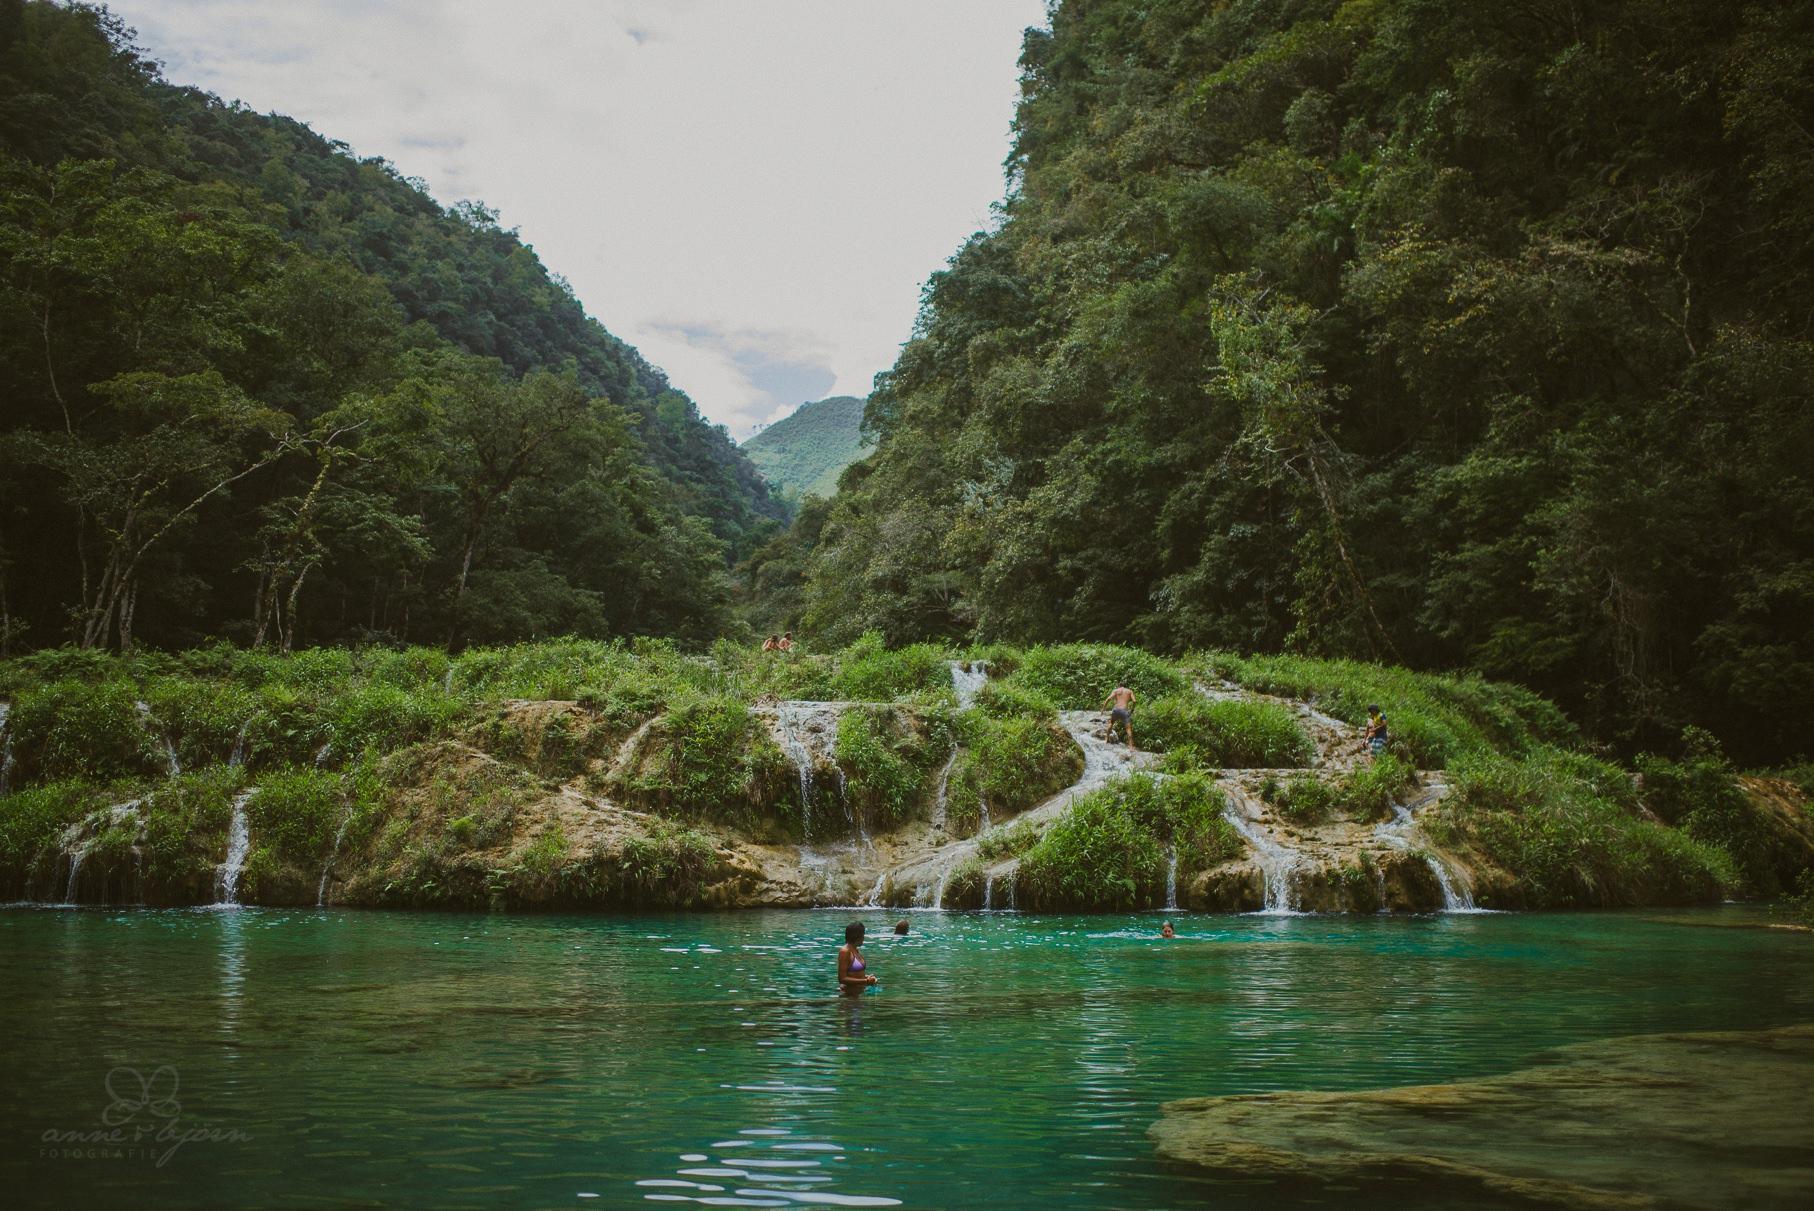 0189 anne und bjoern guatemala d75 4399 - 4 Wochen durch Guatemala - backpacking durch Mittelamerika